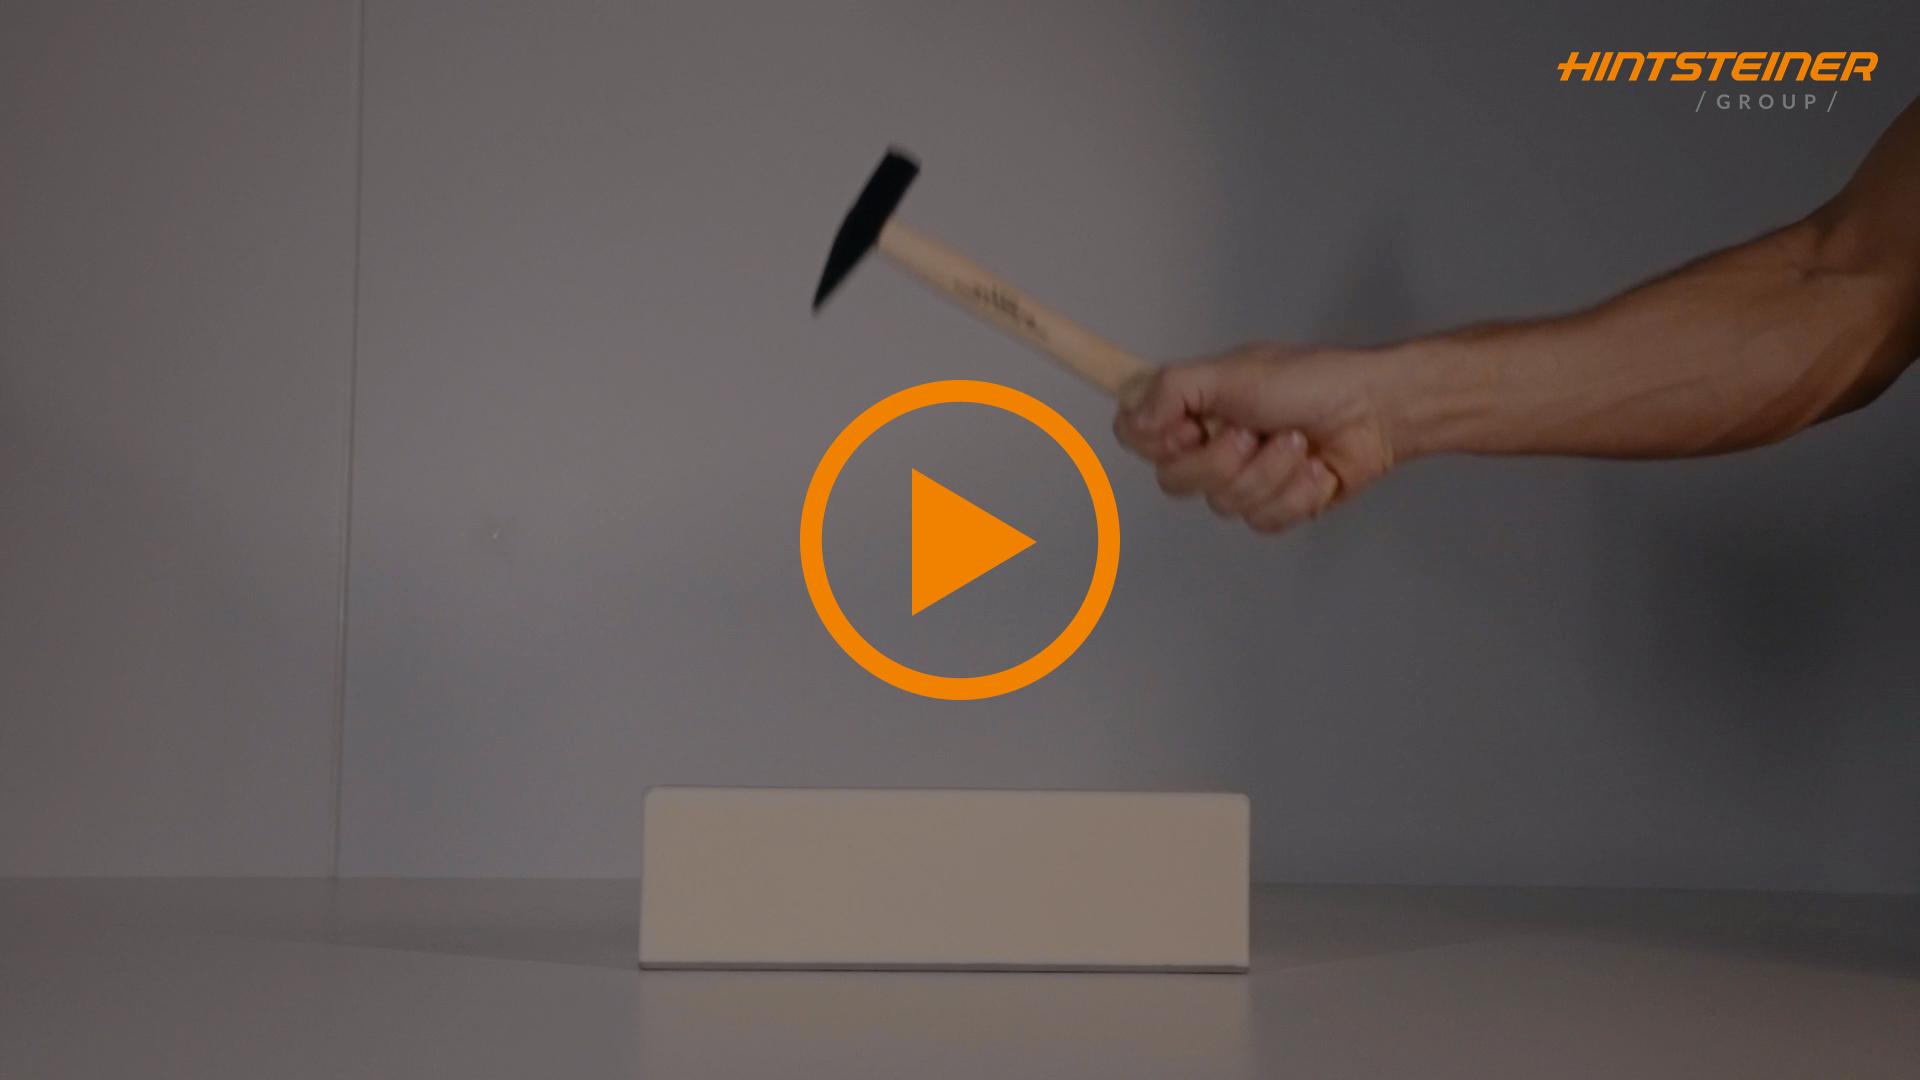 hintsteiner_innovationnews_teaser